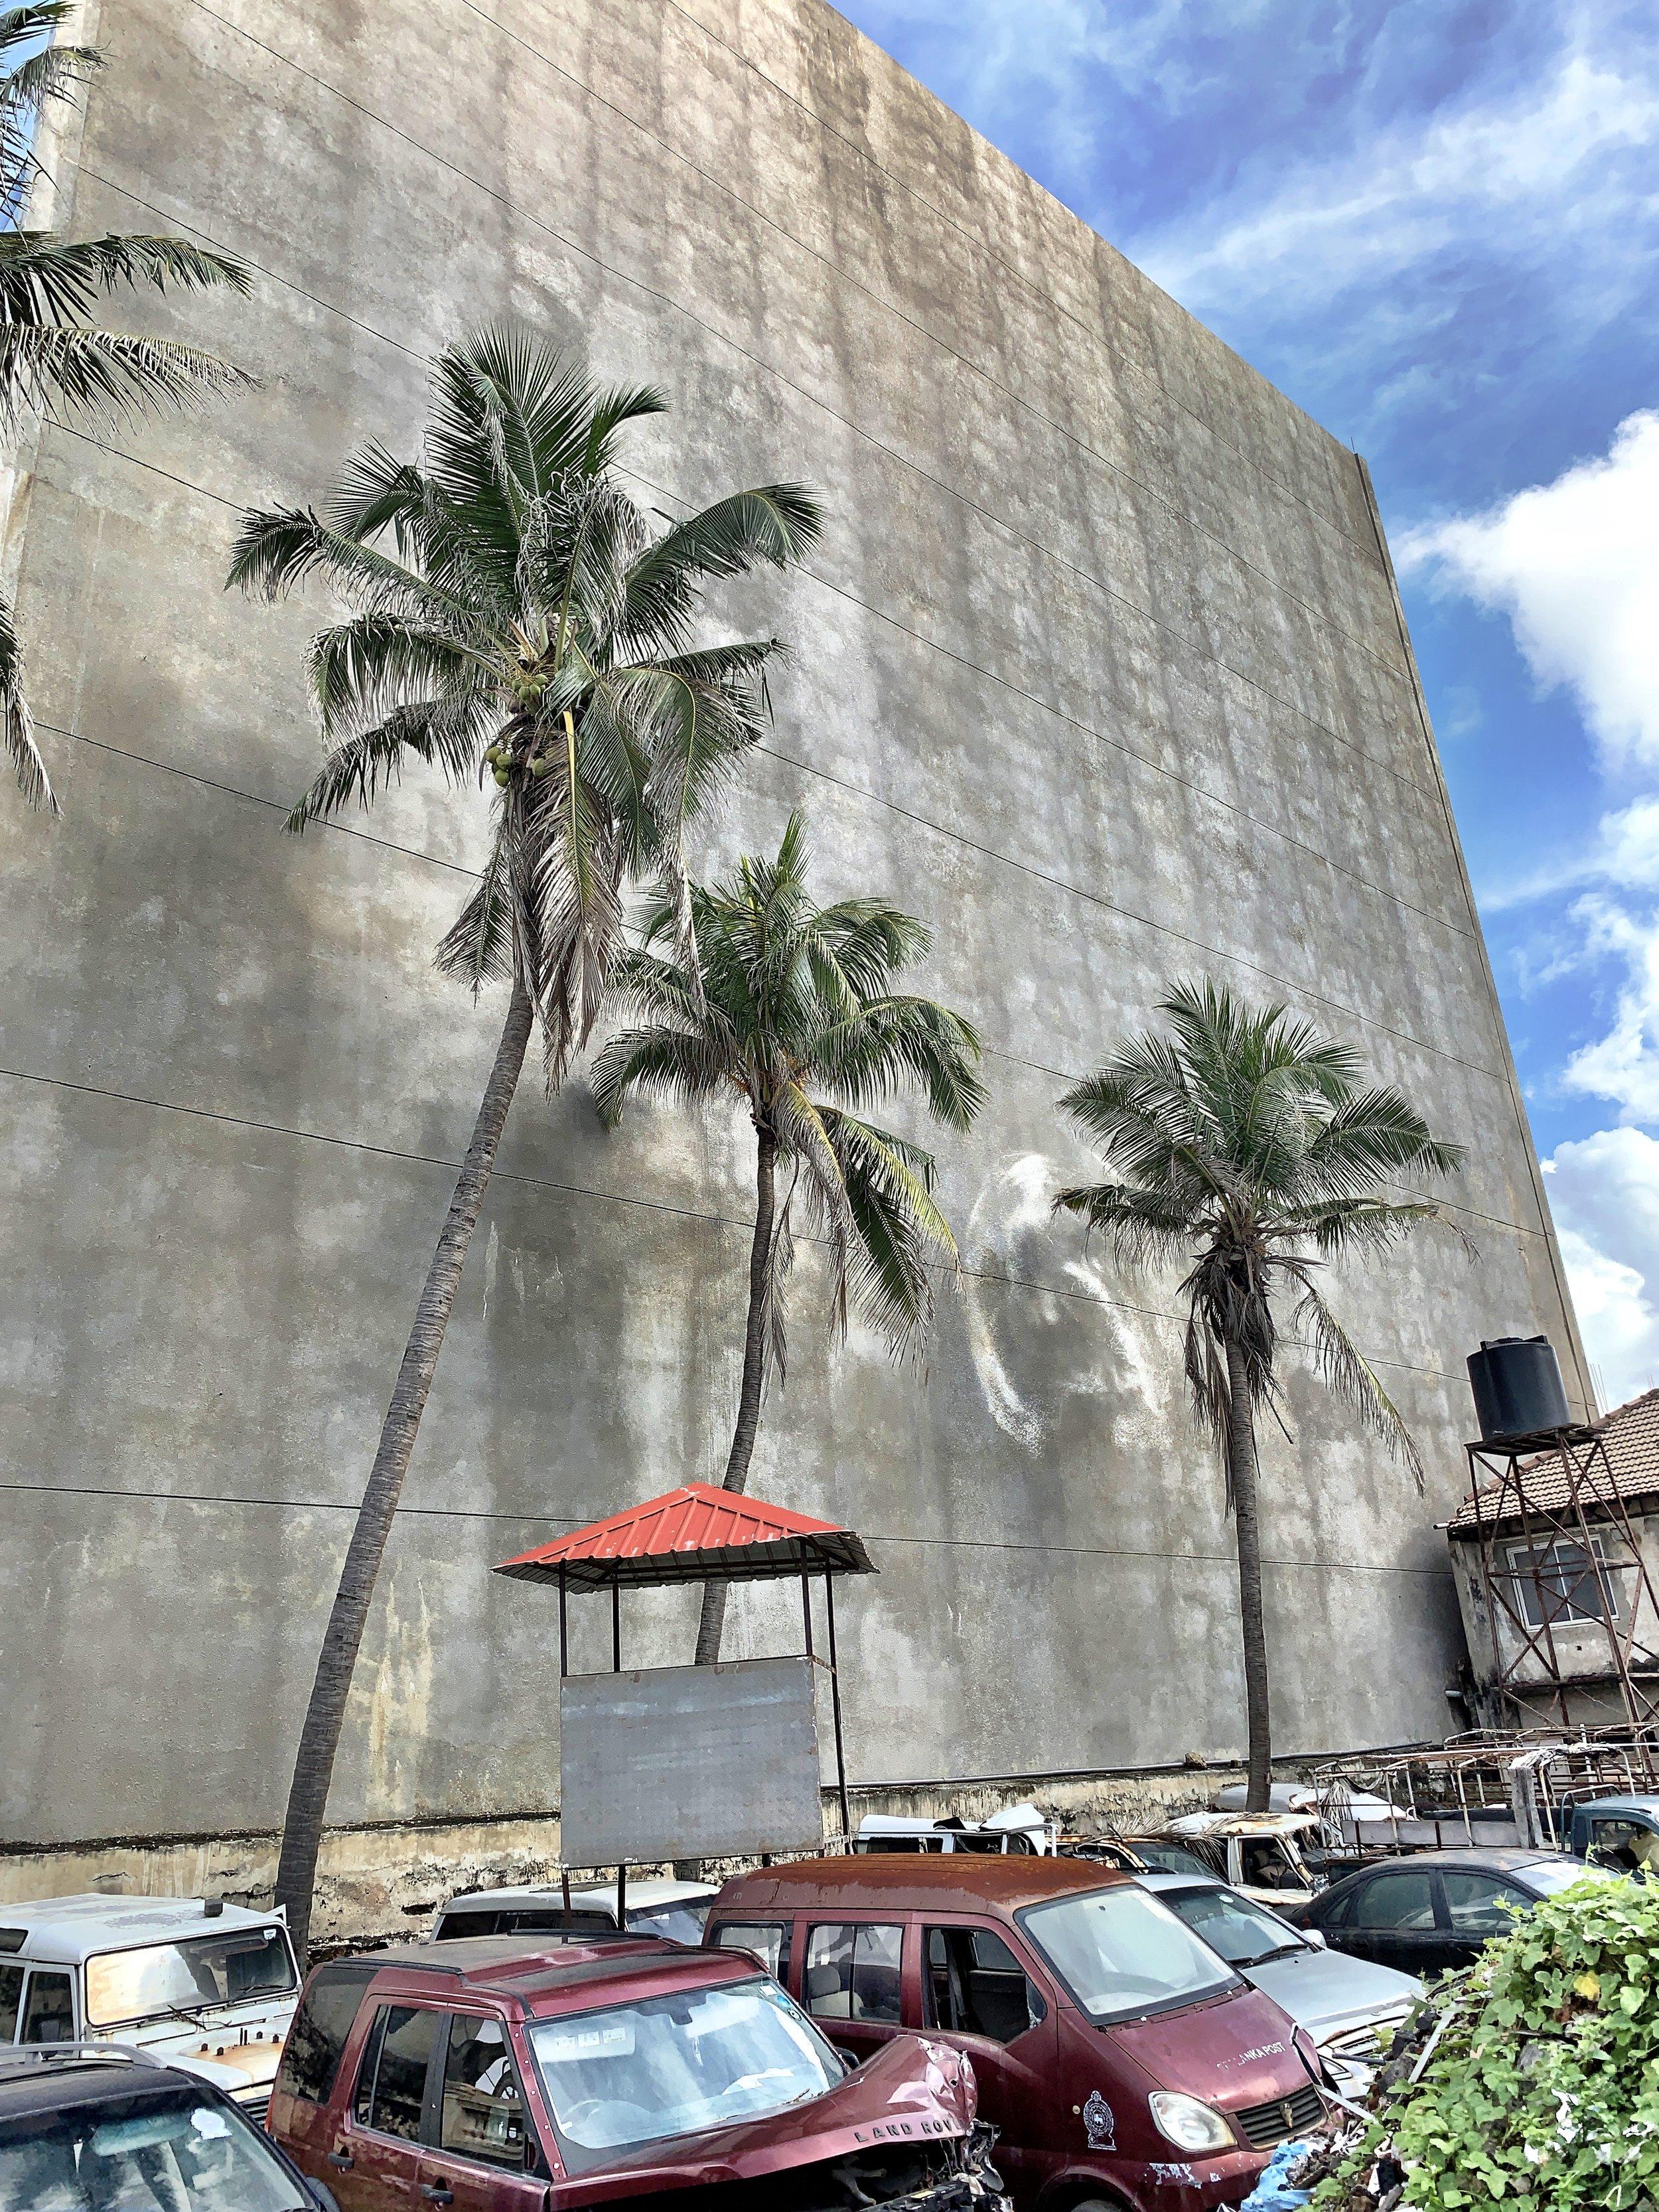 Colombo kleine Grosstadt mit Palmen.jpeg